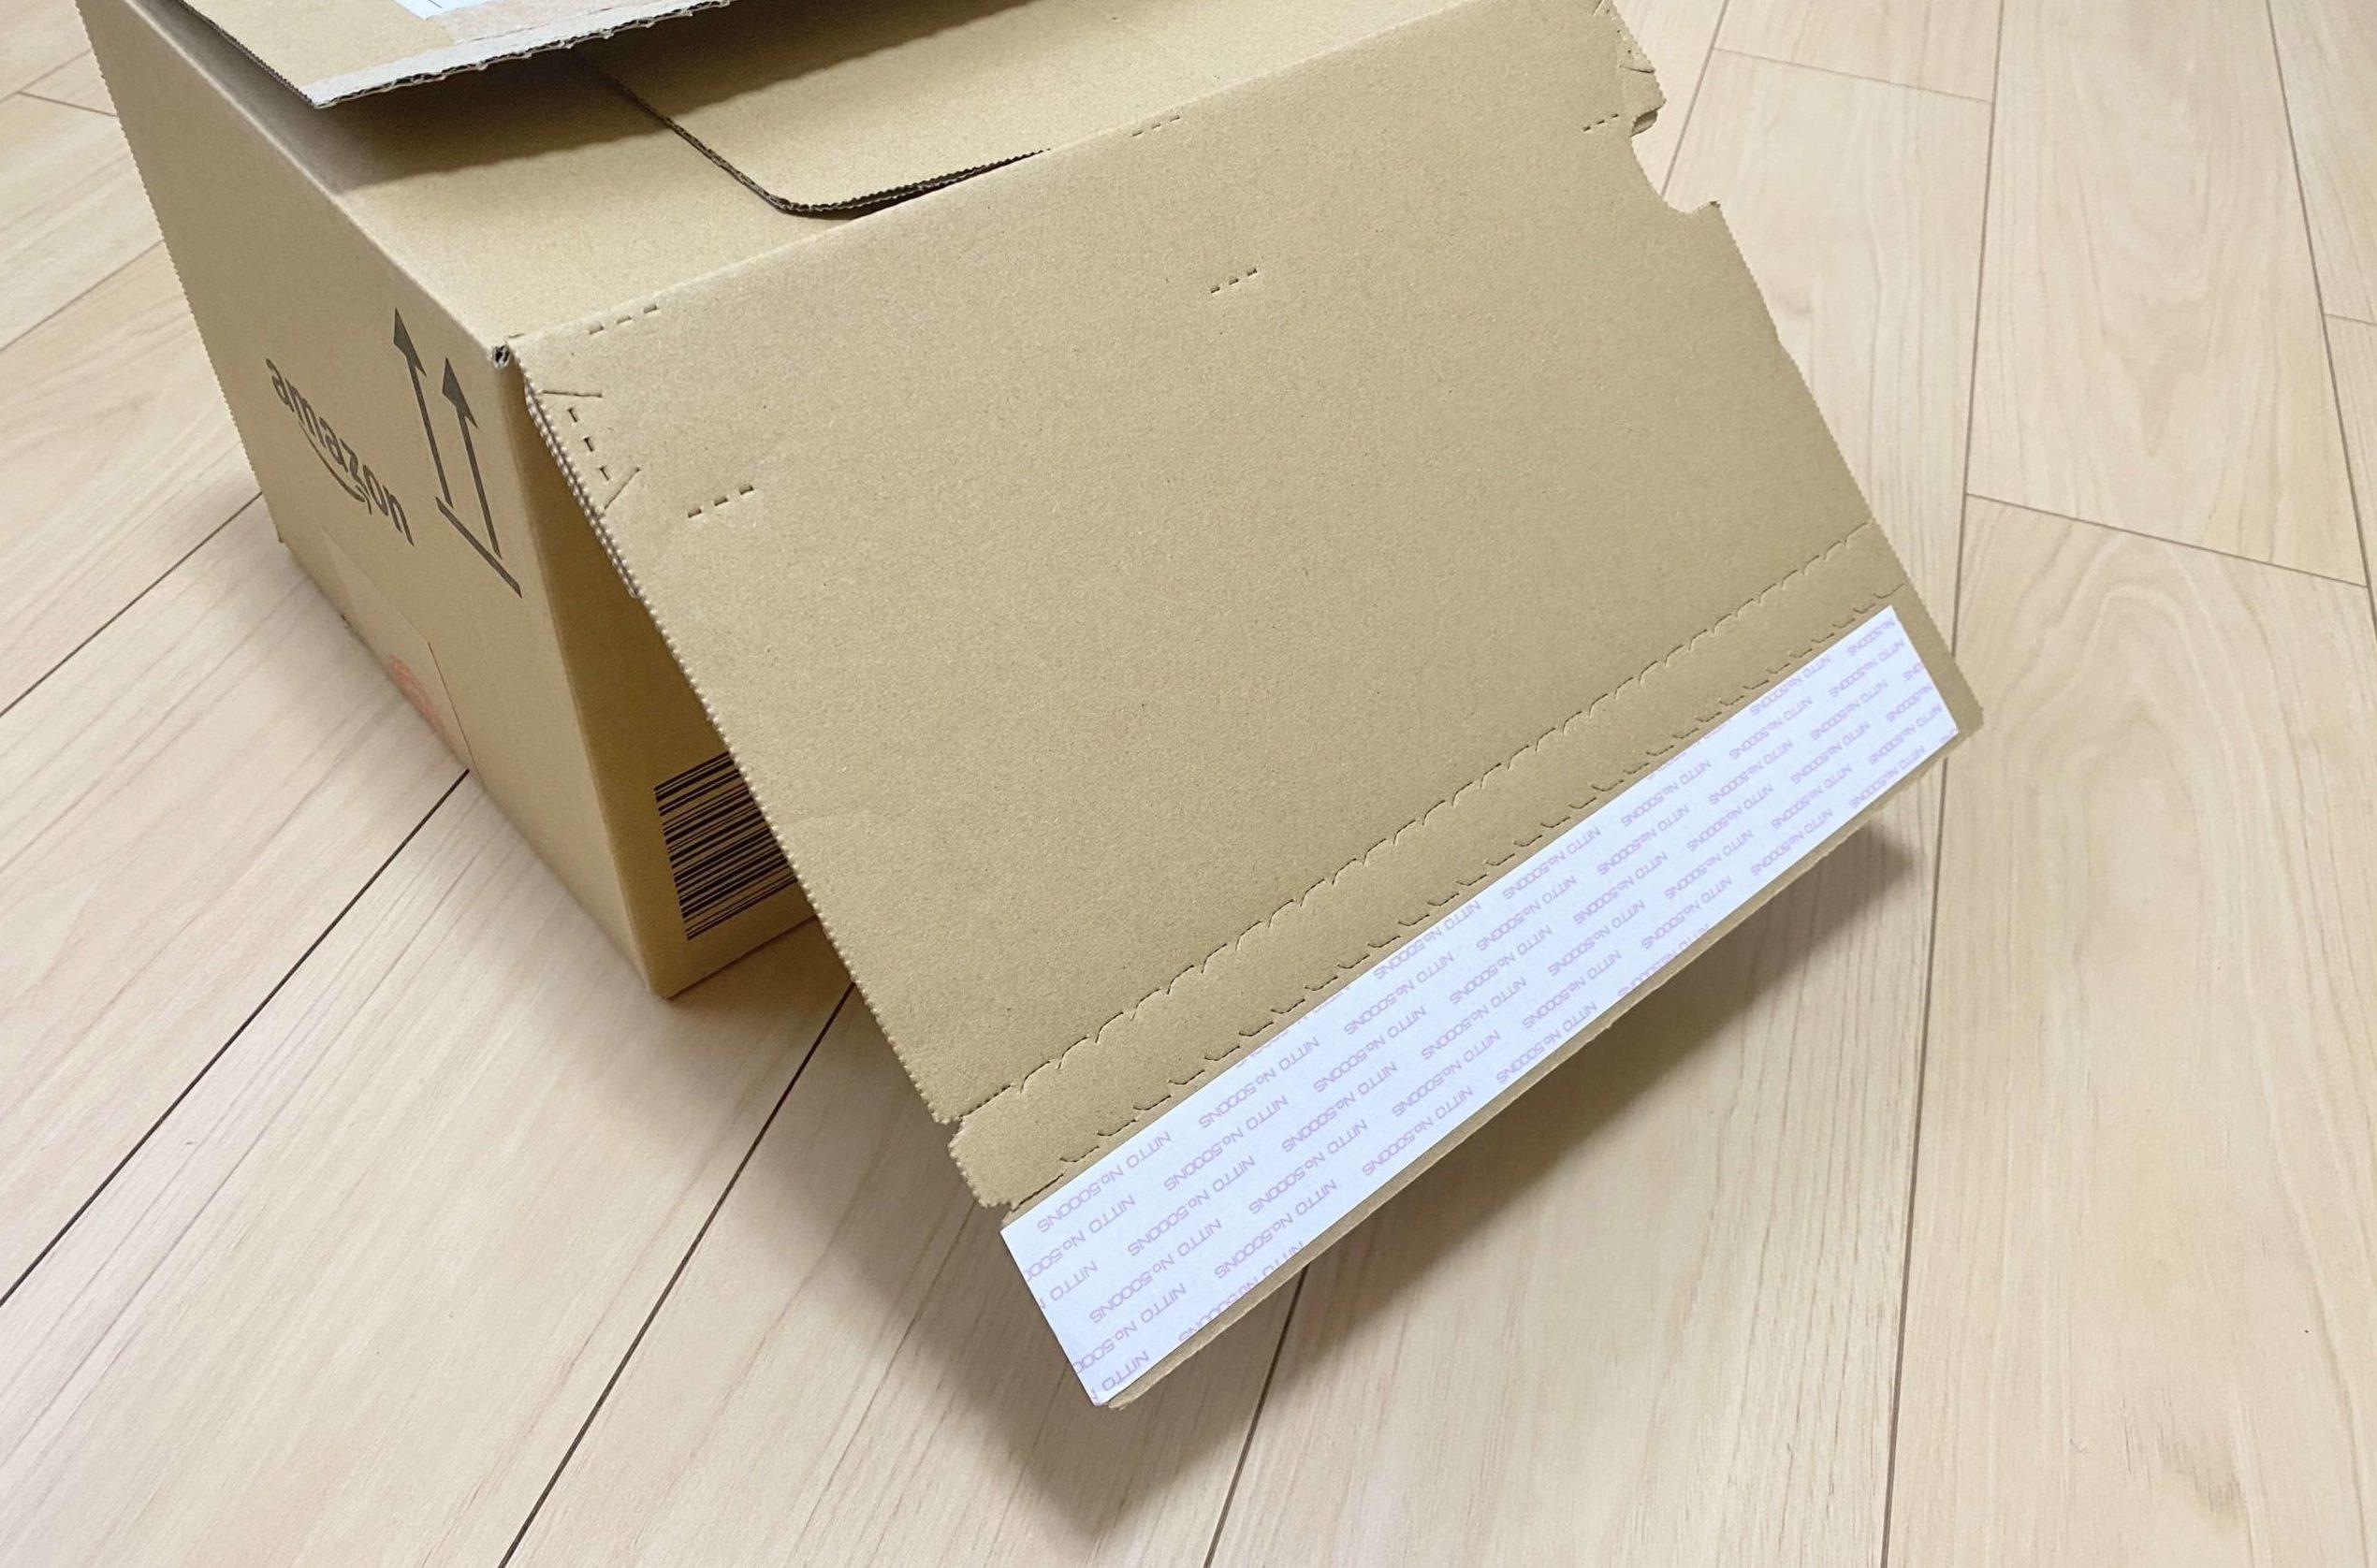 プライムワードローブの返送用の箱